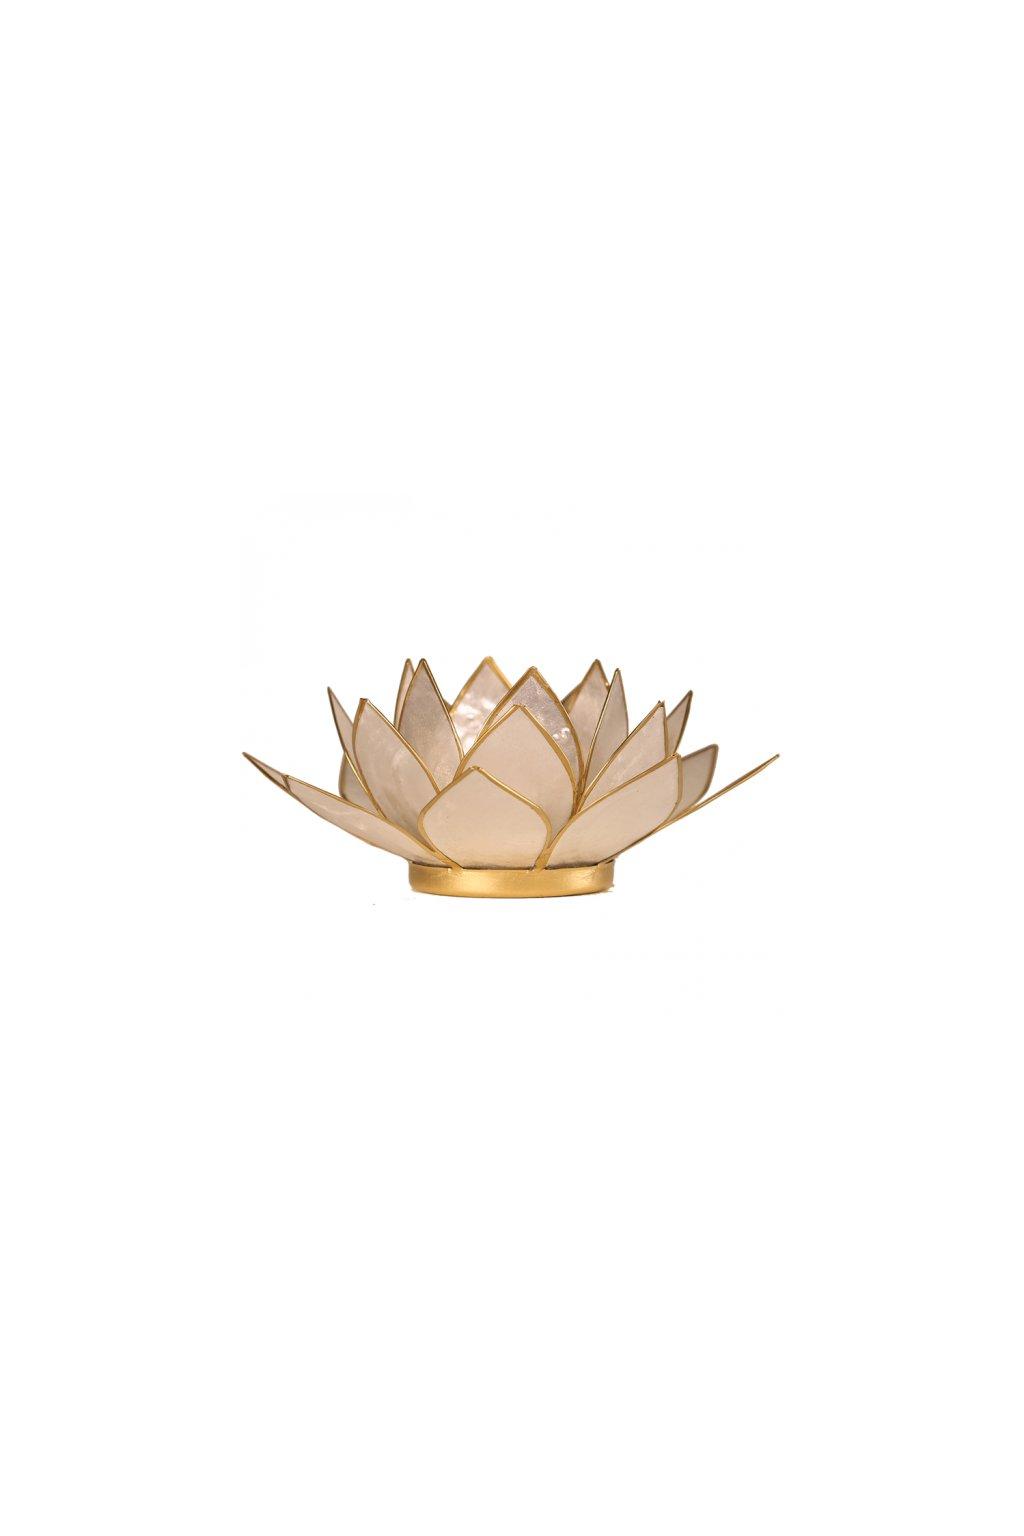 Lotosový svícen - perleťová